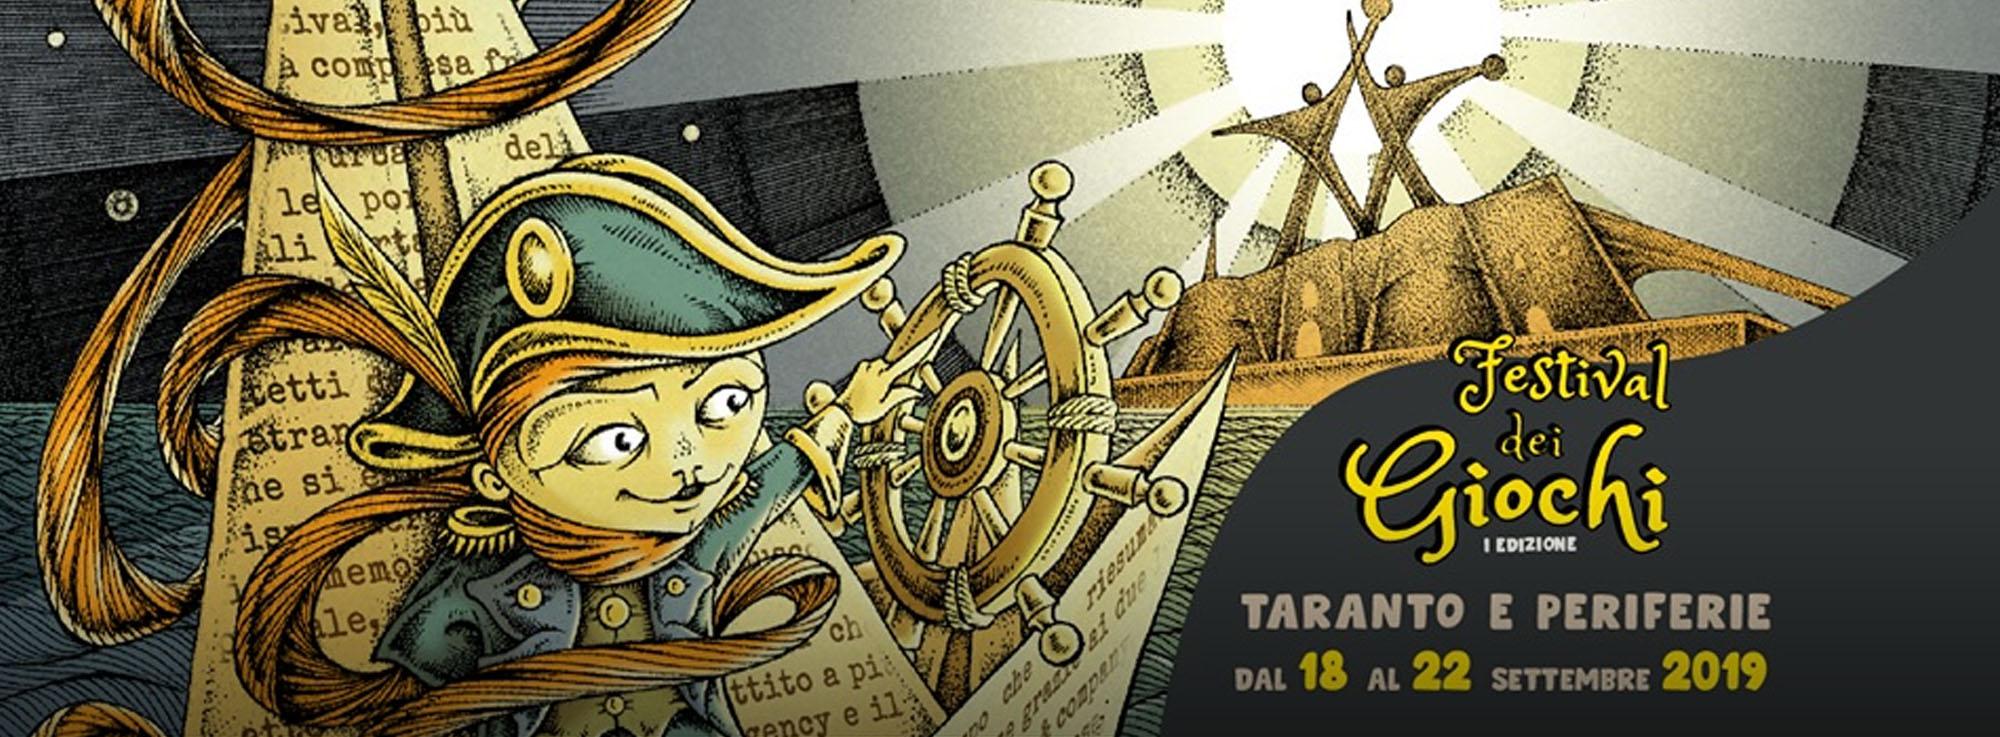 Taranto: Festival dei Giochi